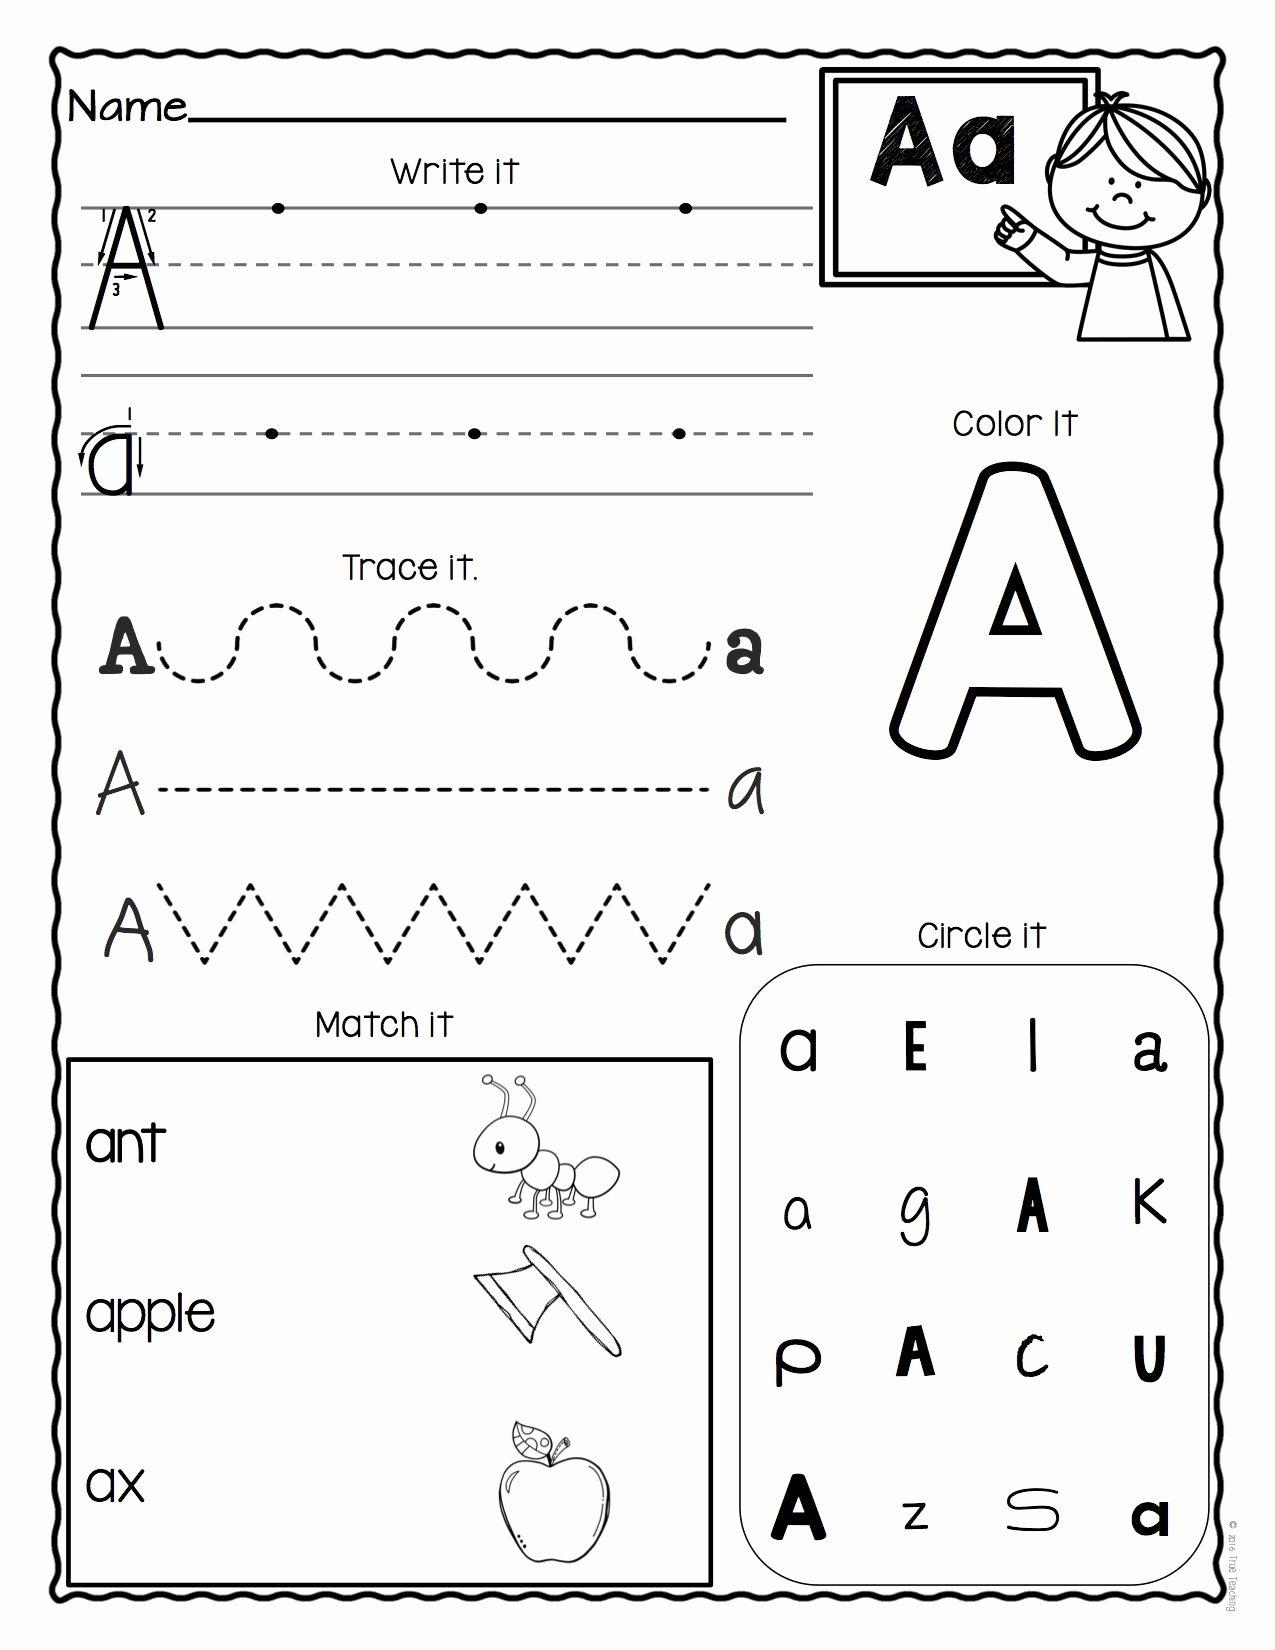 Letter A Worksheets for Preschoolers Inspirational A Z Letter Worksheets Set 3